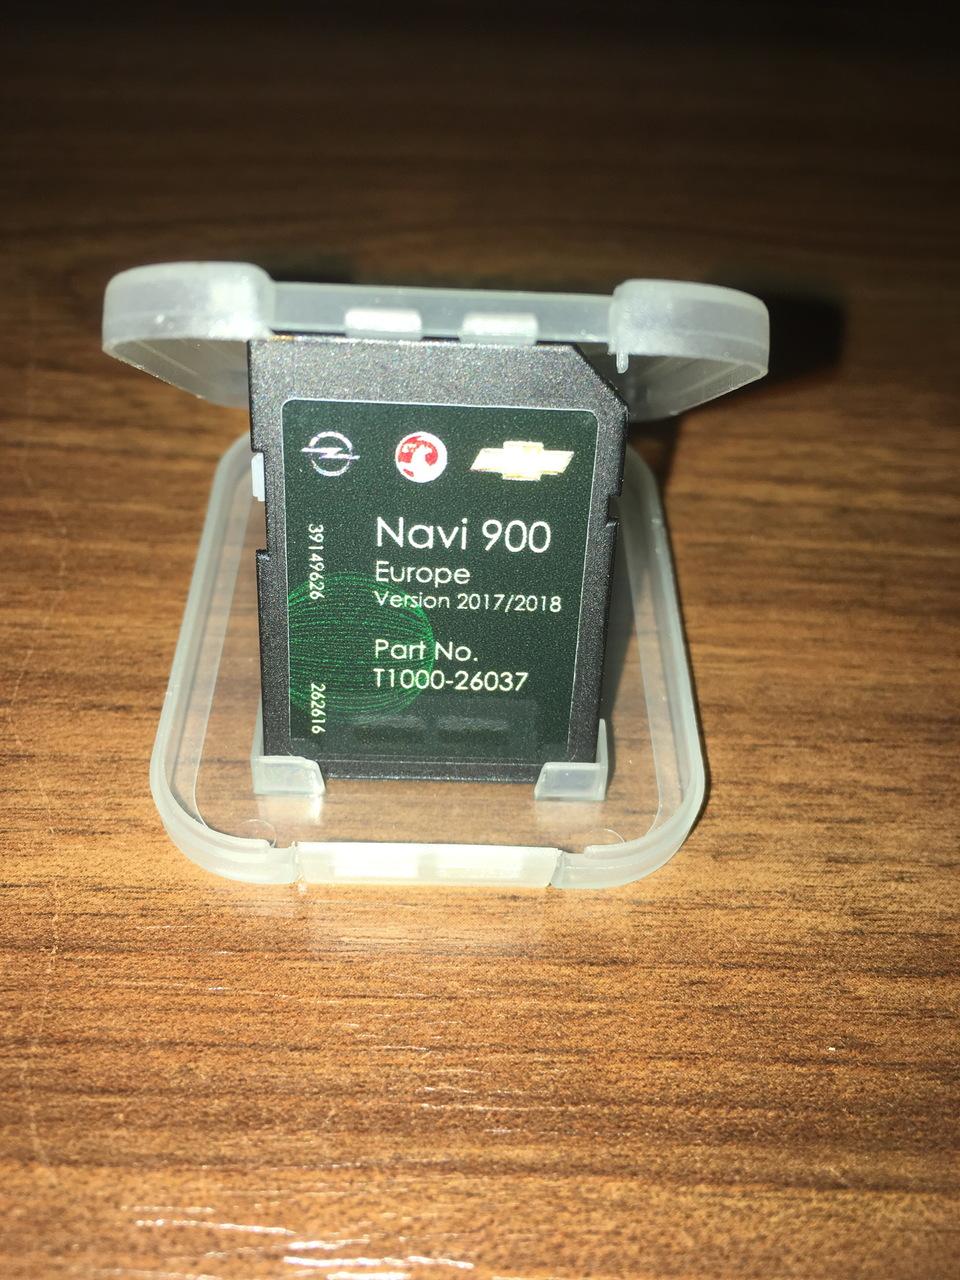 OPEL SD Card Navigatie Navi 600 Navi 900 Harti originale 2017 2018